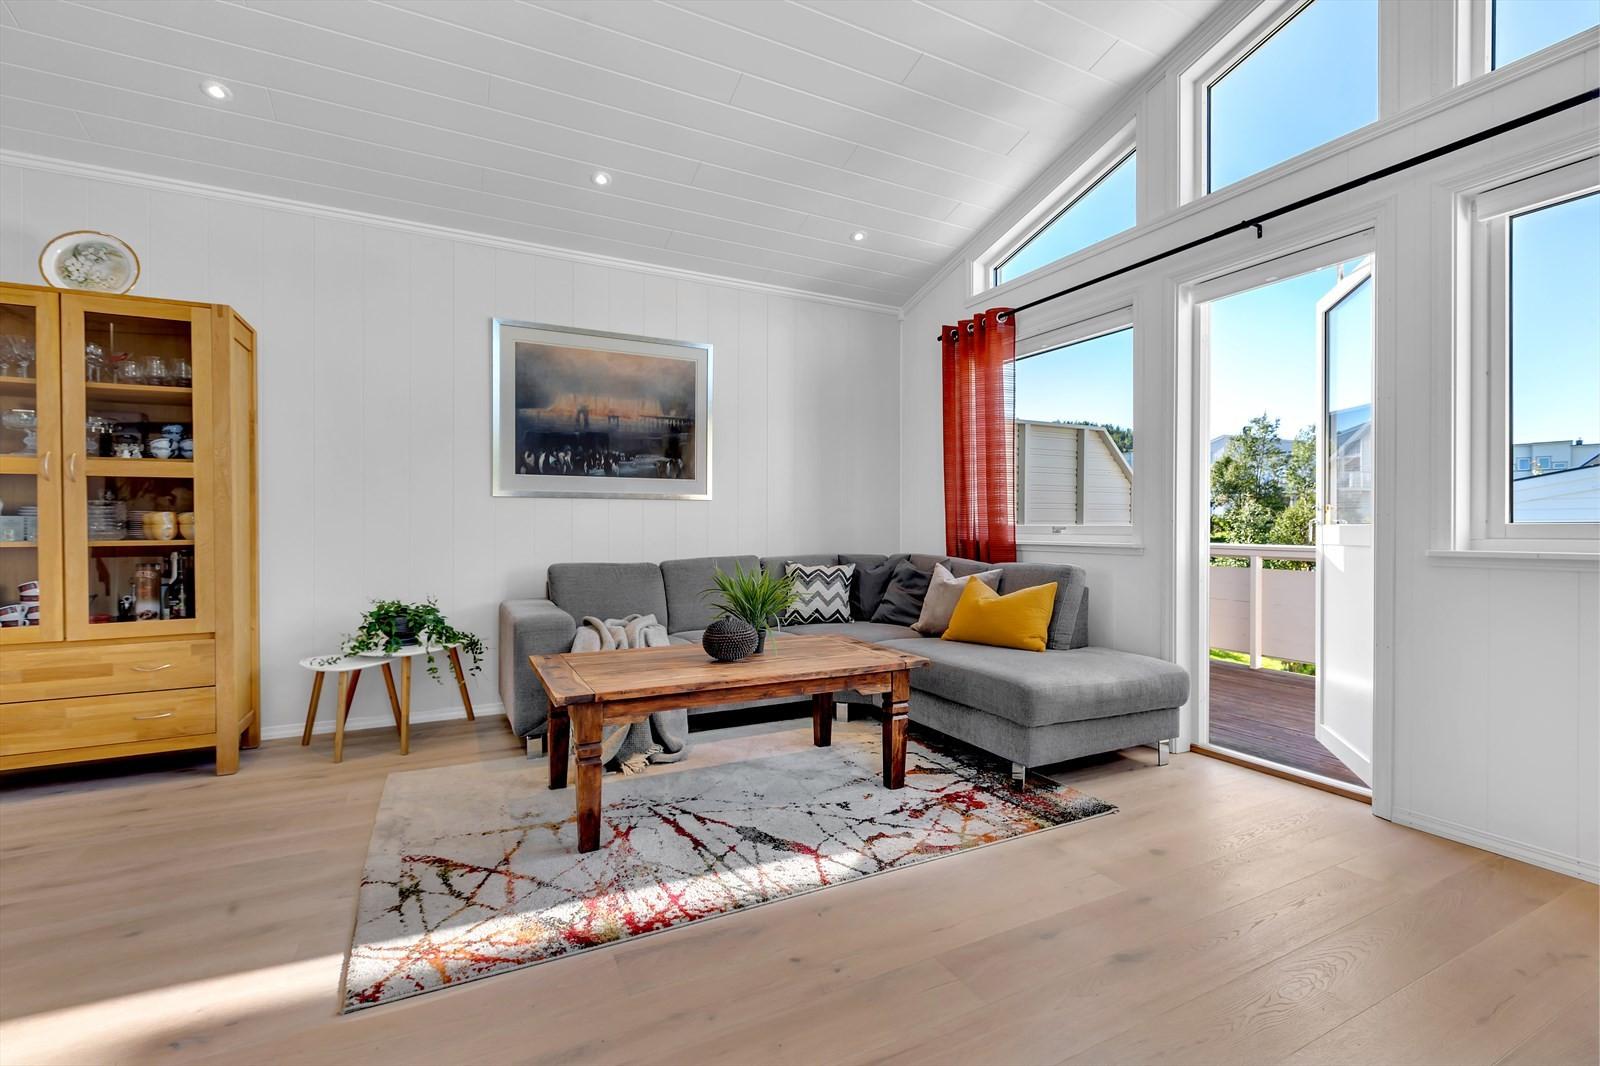 Lys og stor stue med store vinduer. Utgang til vestvendt veranda